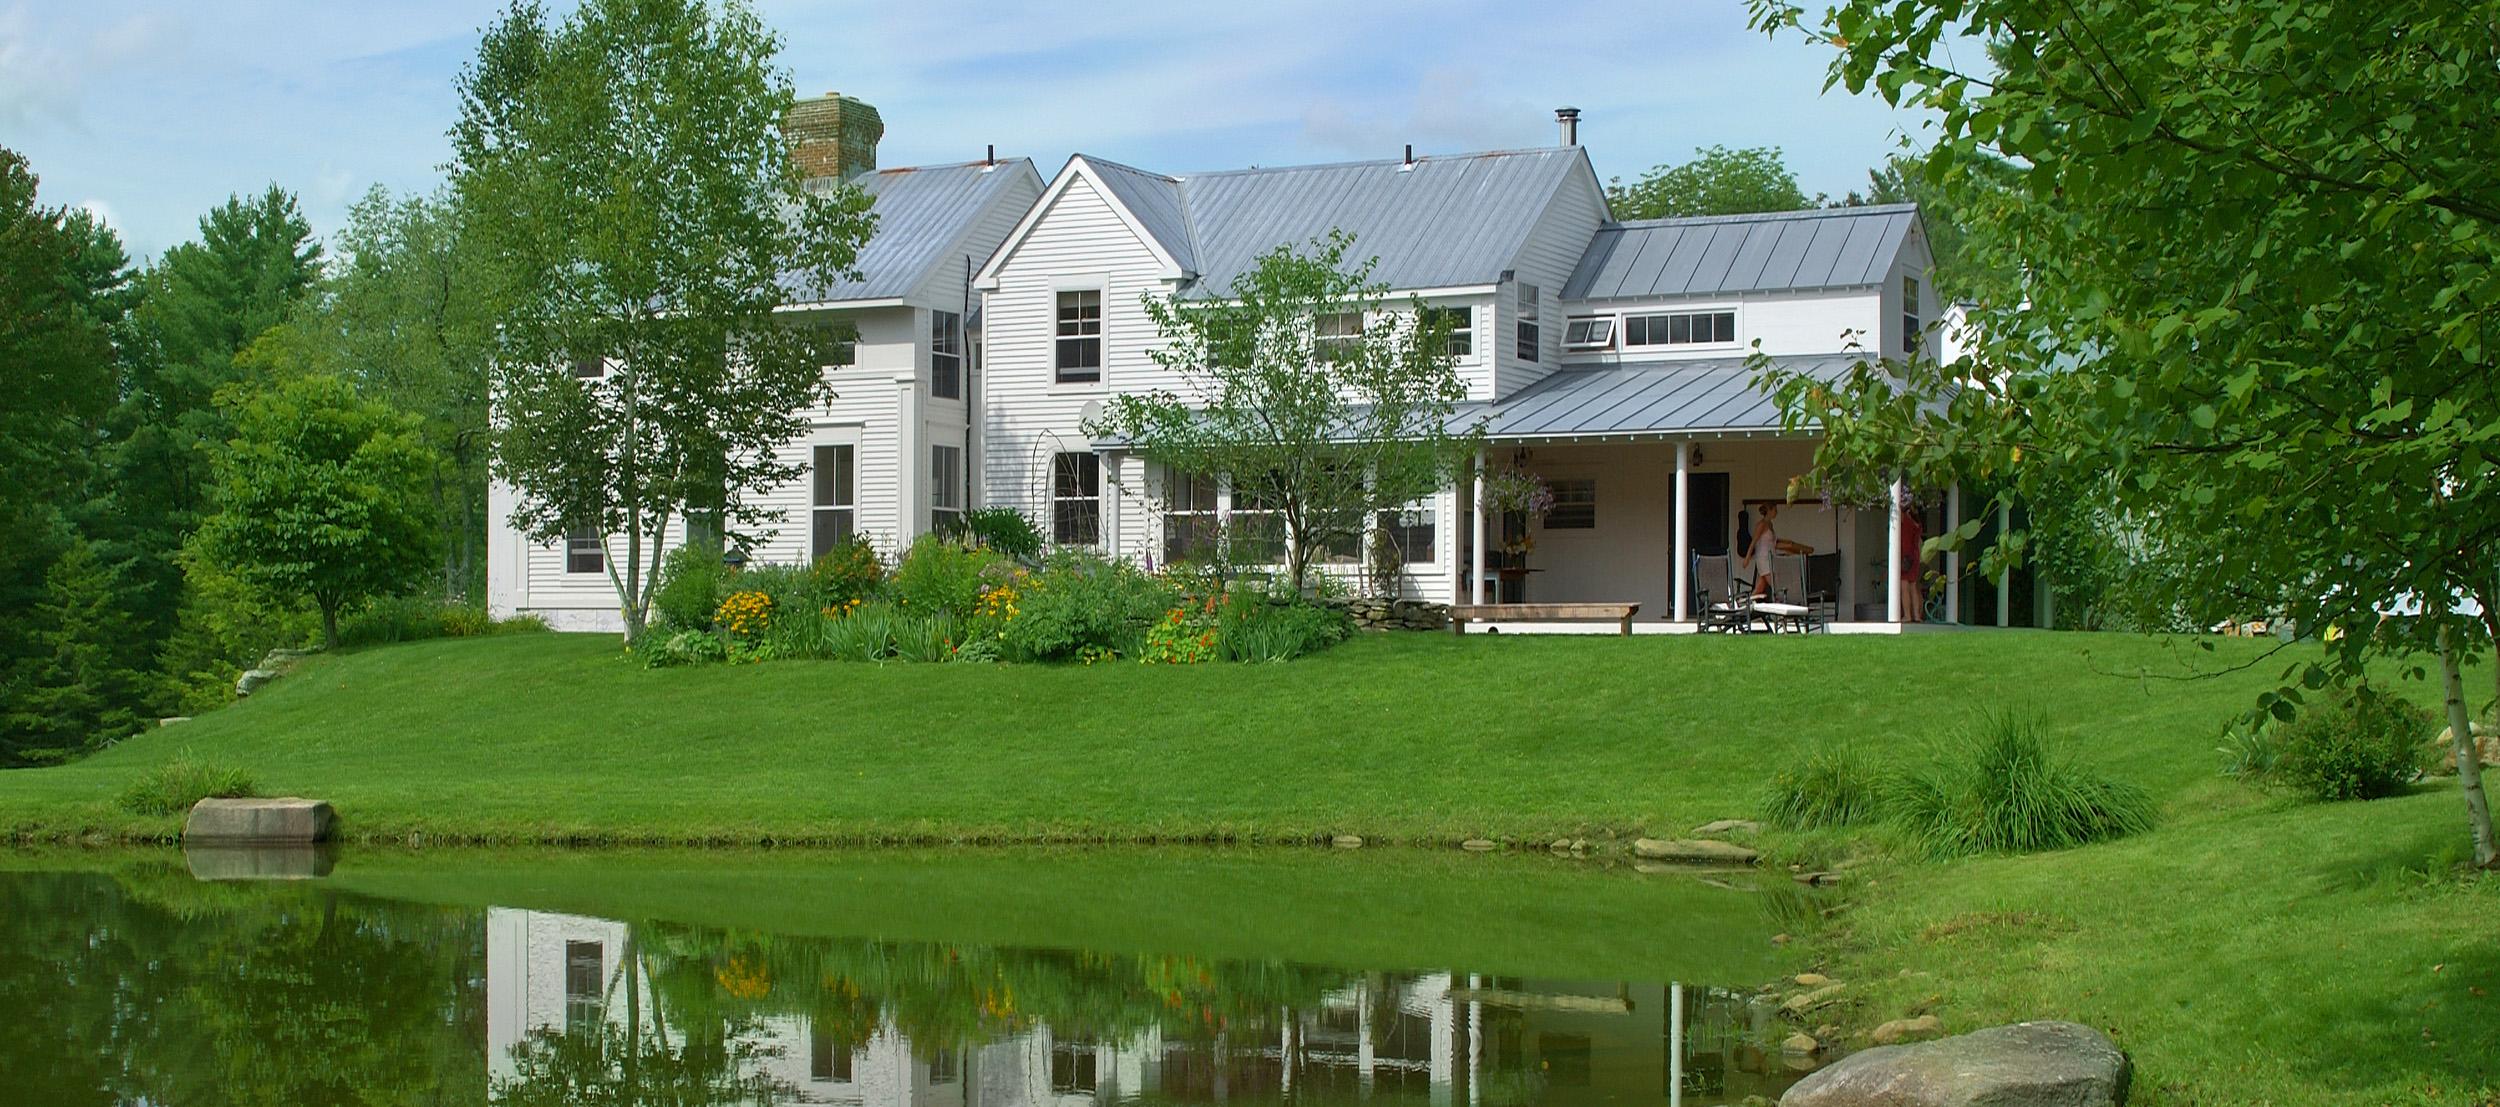 farm_house_intro.jpg